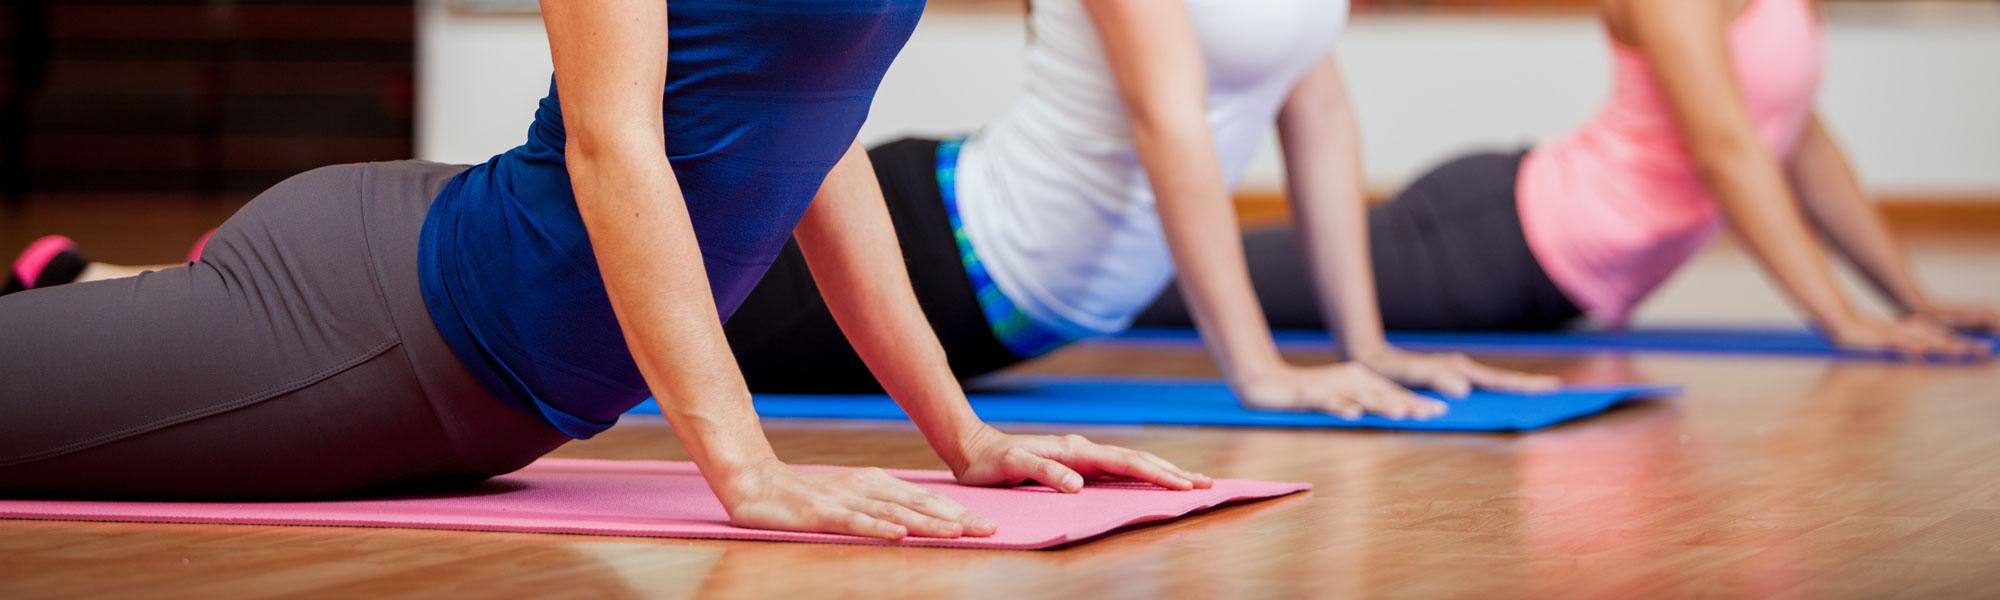 Clinical Pilates (level 1) – Ana Rita Cruz & Cristina Vilas Boas